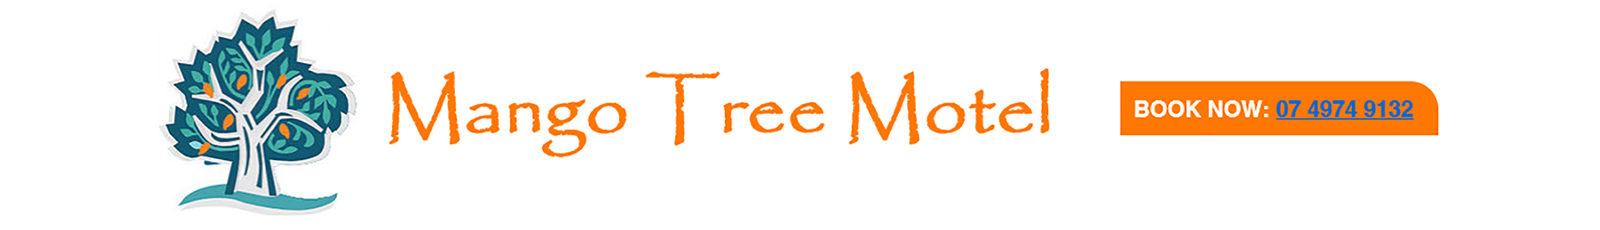 mangotreemotel